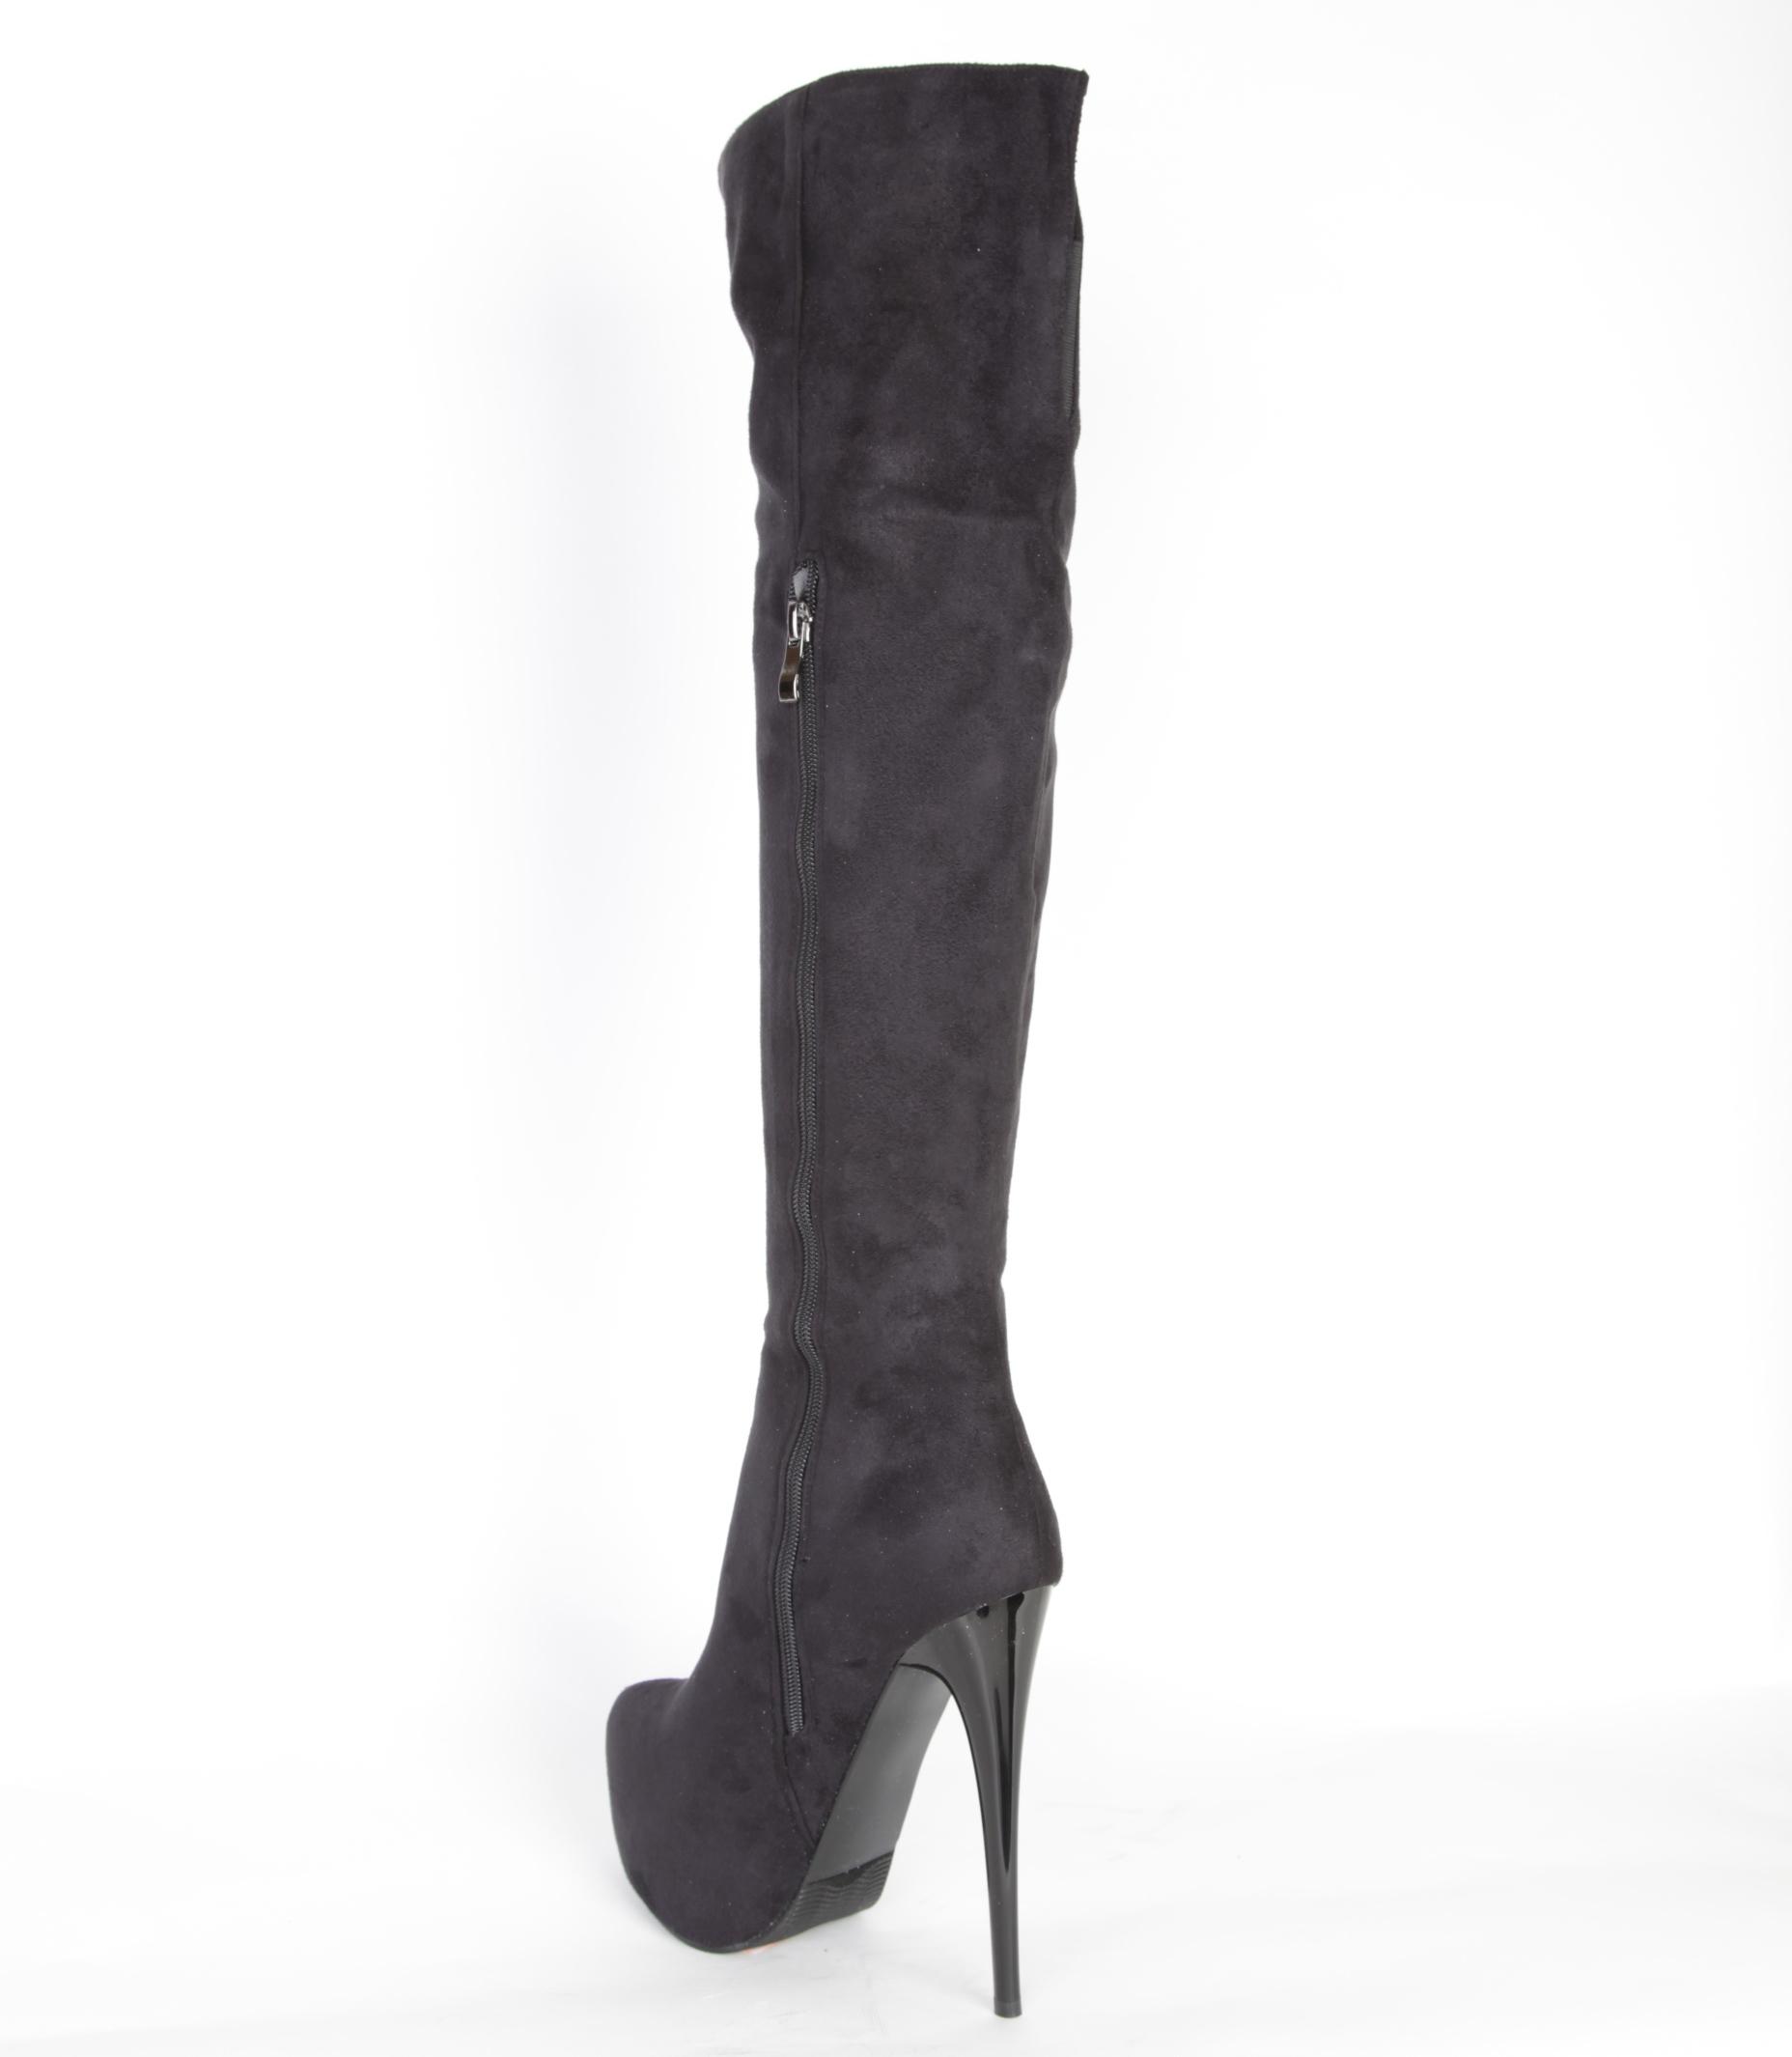 туфли на шпильке - модные босоножки 2011